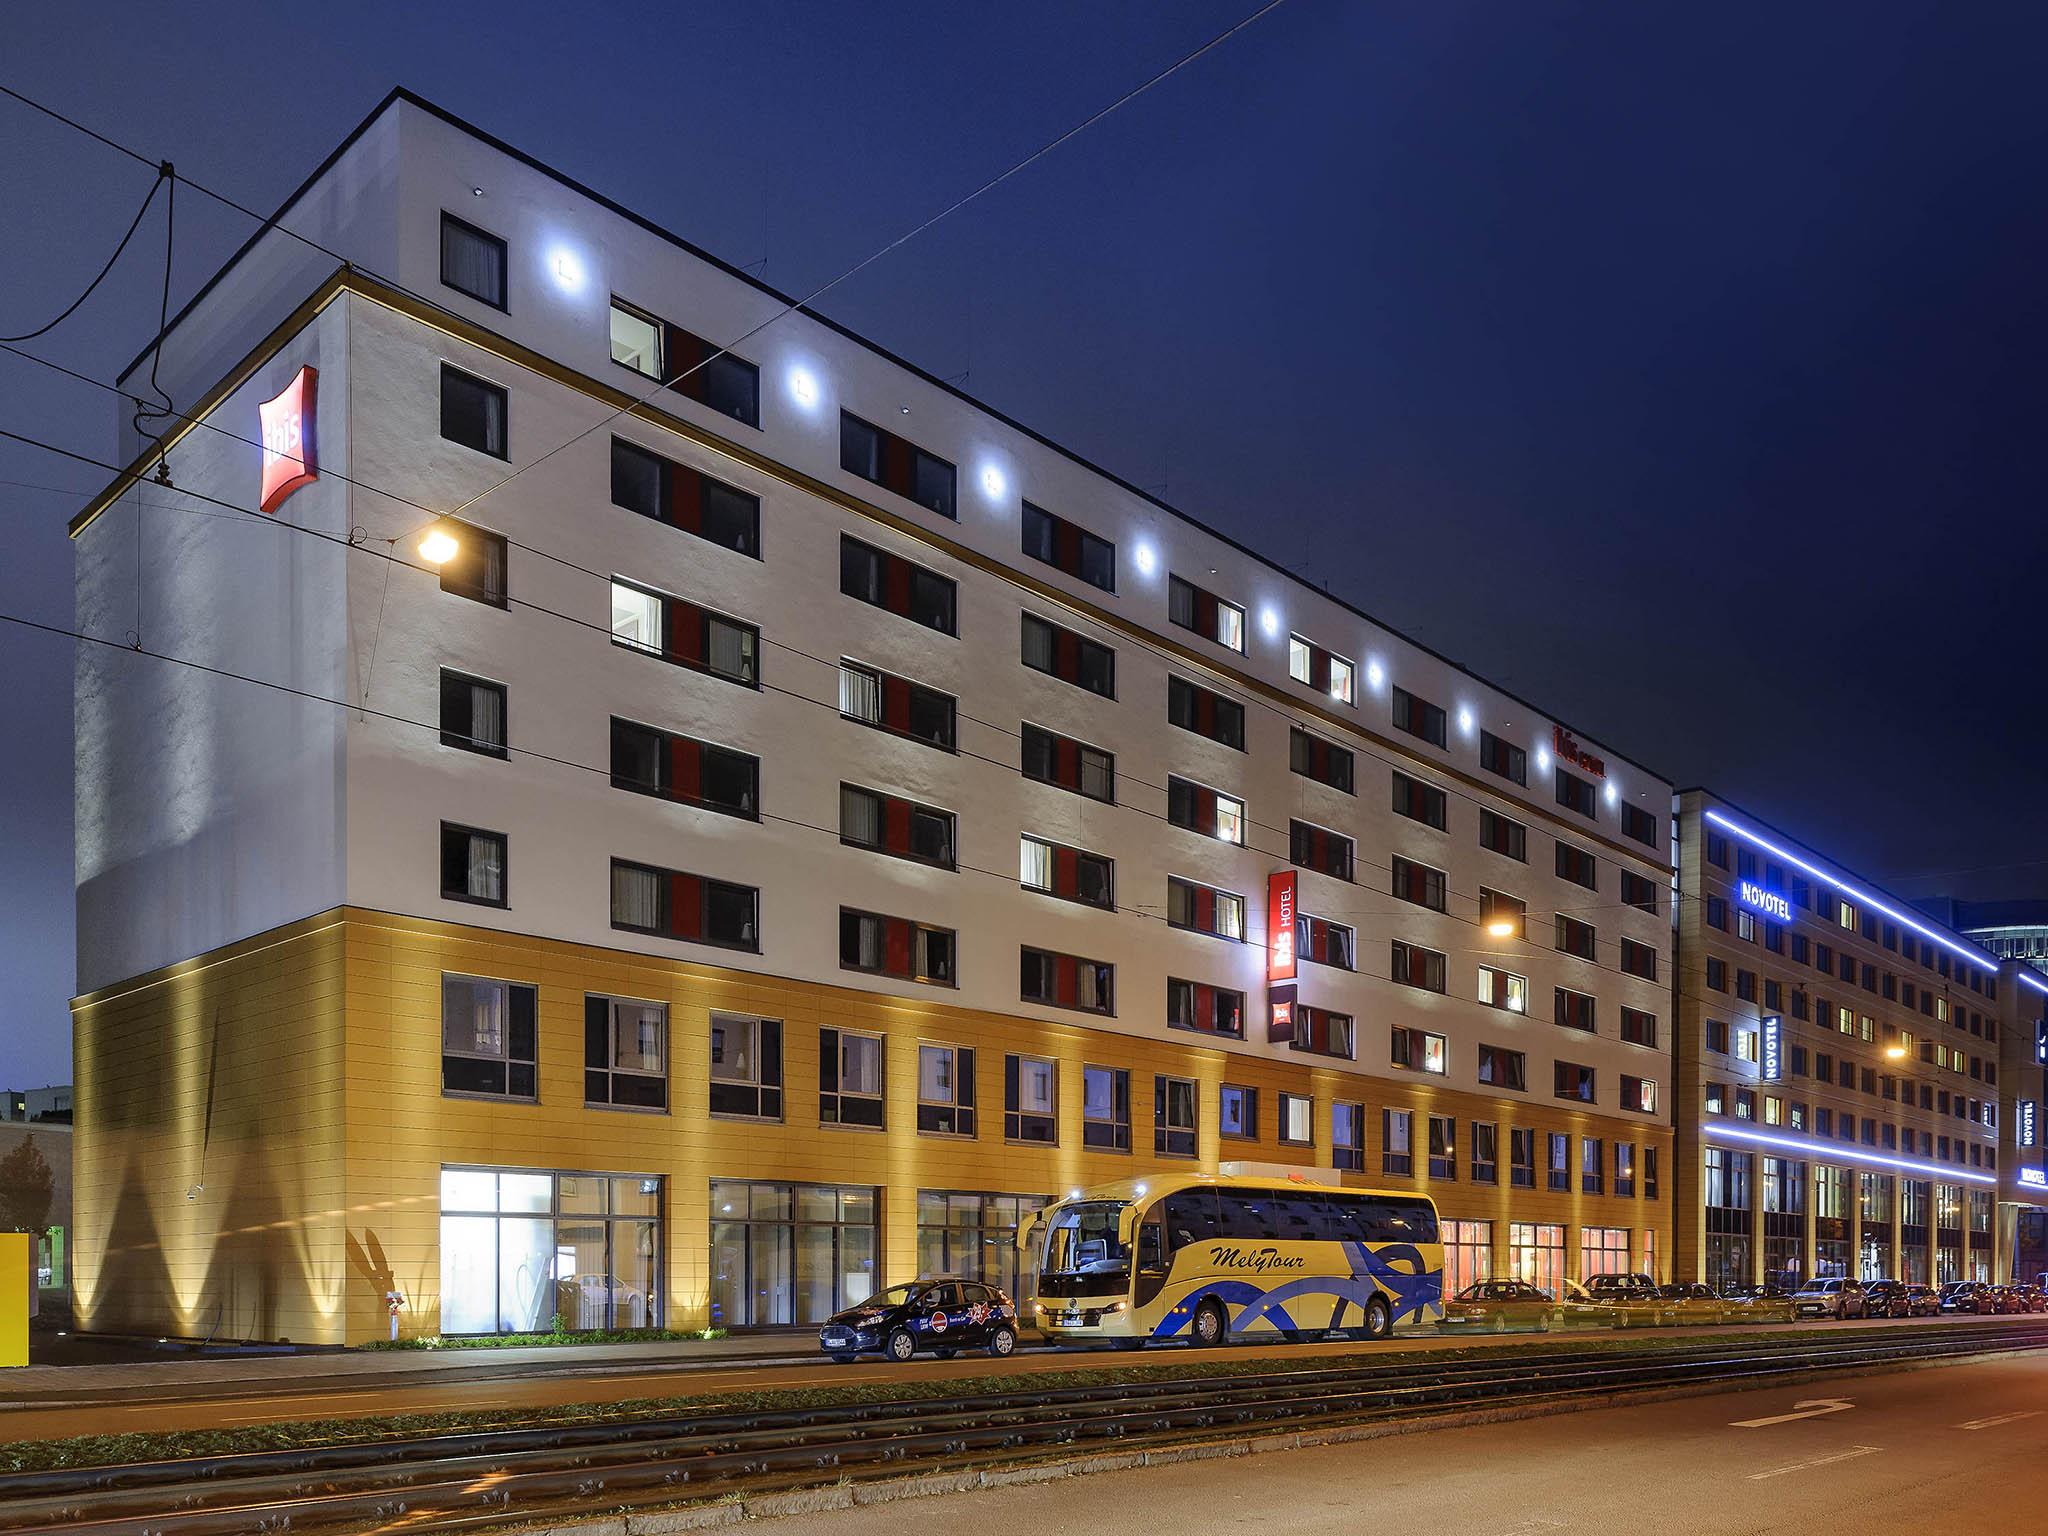 Hotel Ibis Munchen Arnulfpark